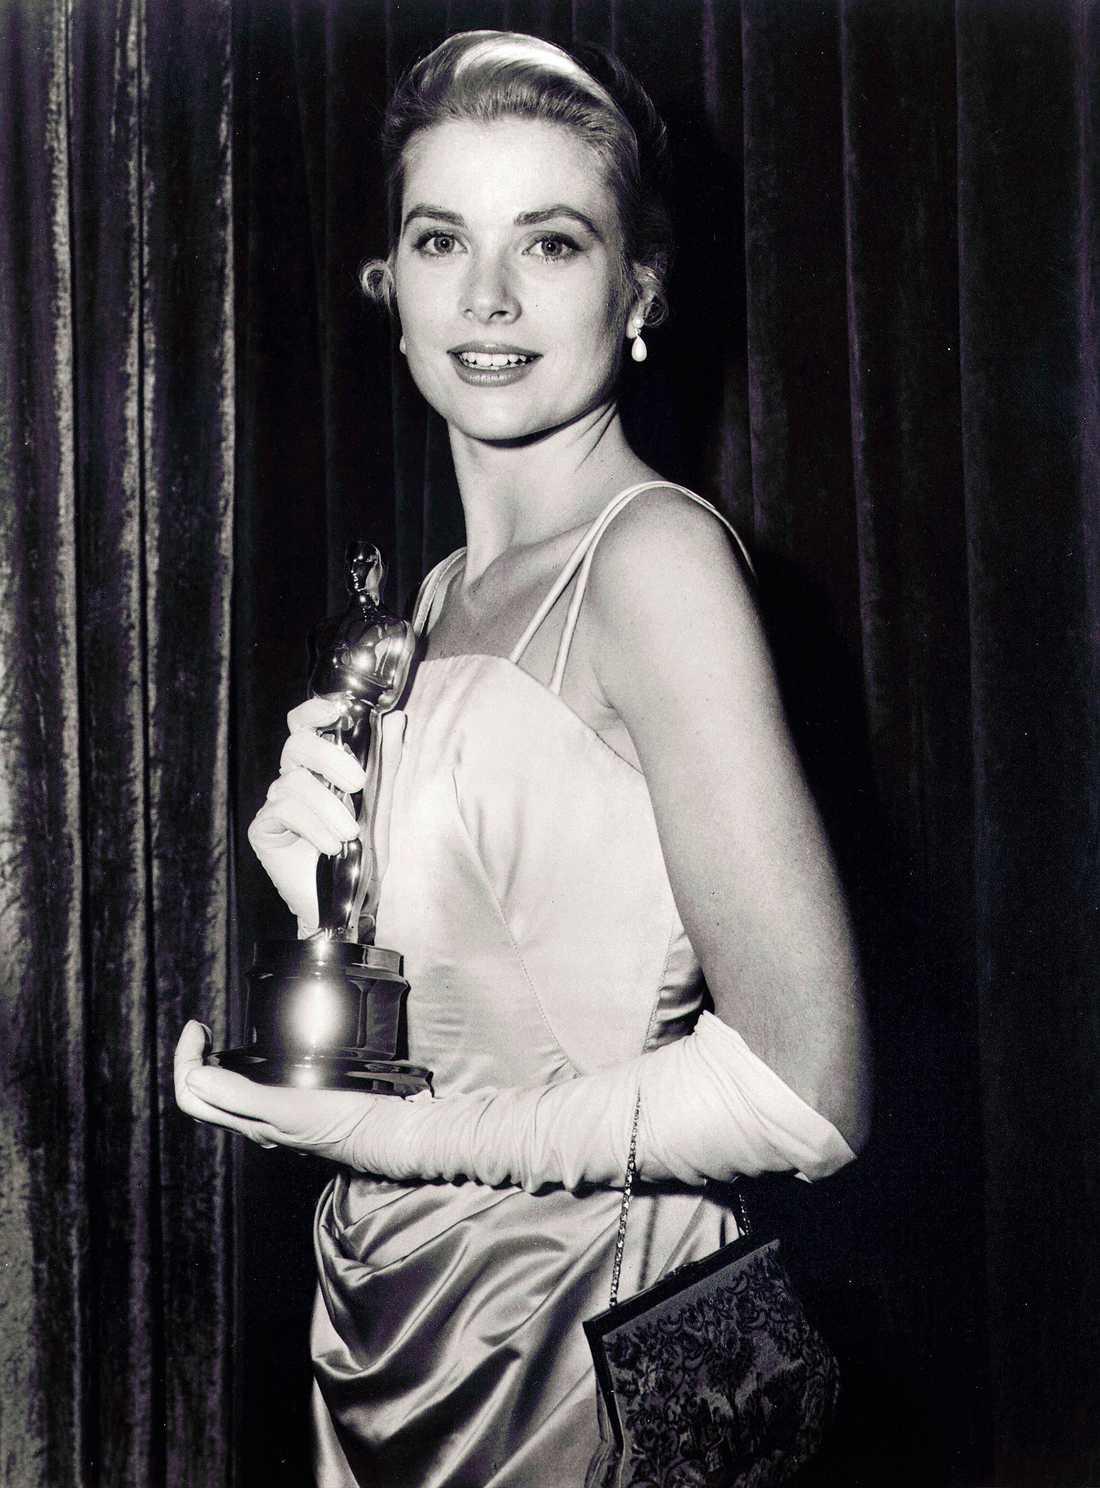 """Grace Kelly 1955 """"Precis som Audrey Hepburn var Grace Kelly mer än en larger than life-stjärna. Hon var en ikon, en idol, en blivande prinsessa. Kelly teamade upp med lika legendariska kostymdesignern Edith Heed som själv vunnit 8 (!!) Oscars för sina kostymer. Naturligtvis en klänning att minnas och säga aaaaaaaw till."""""""